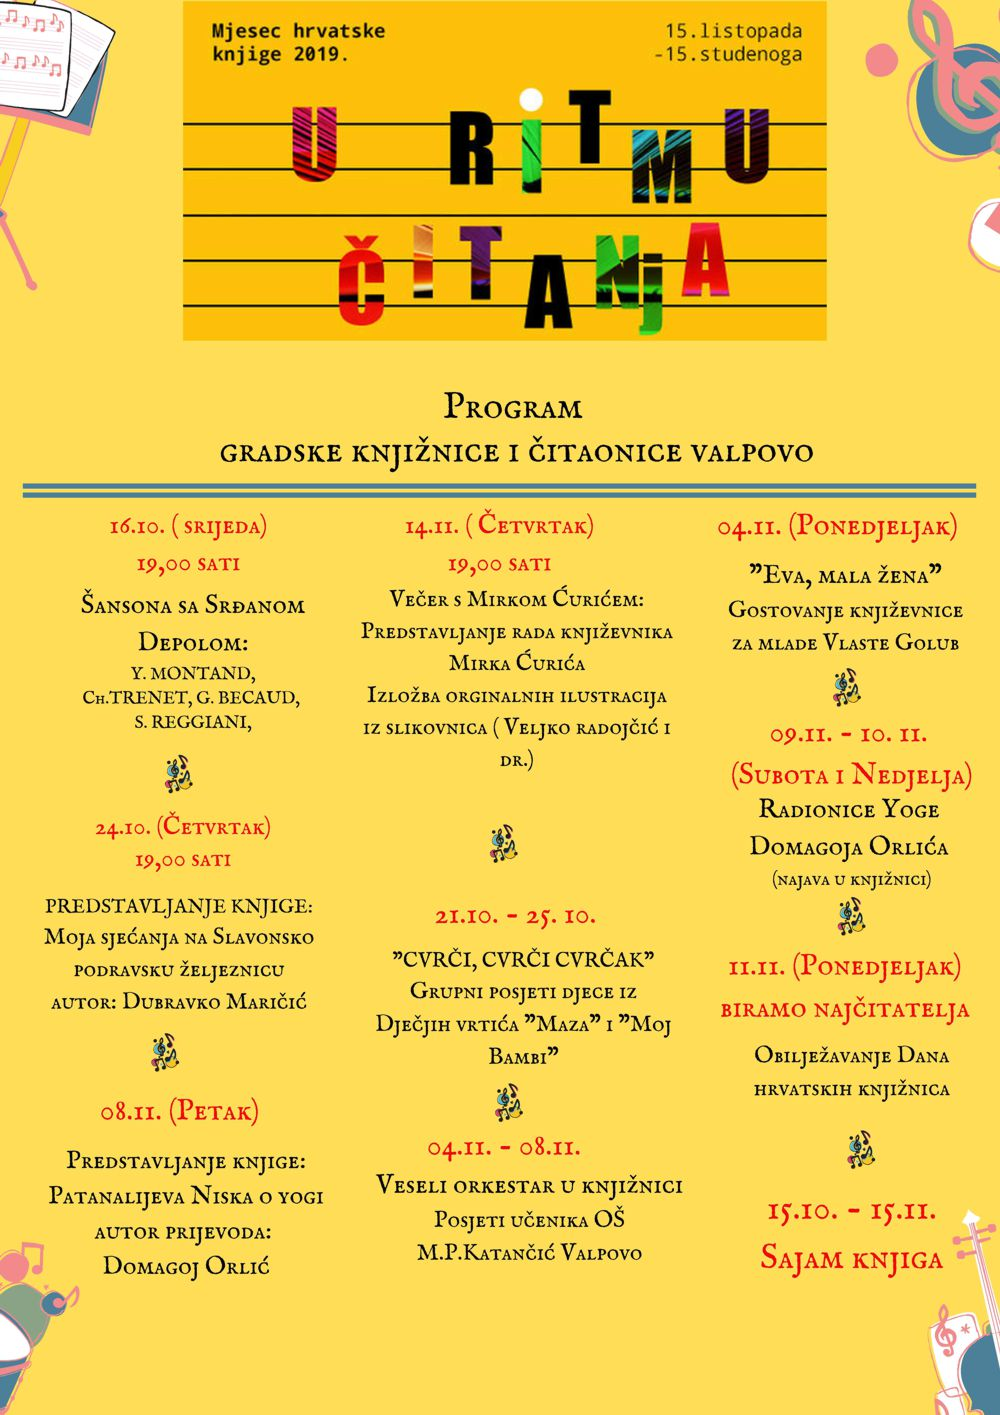 Mjesec hrvatske knjige 2019.